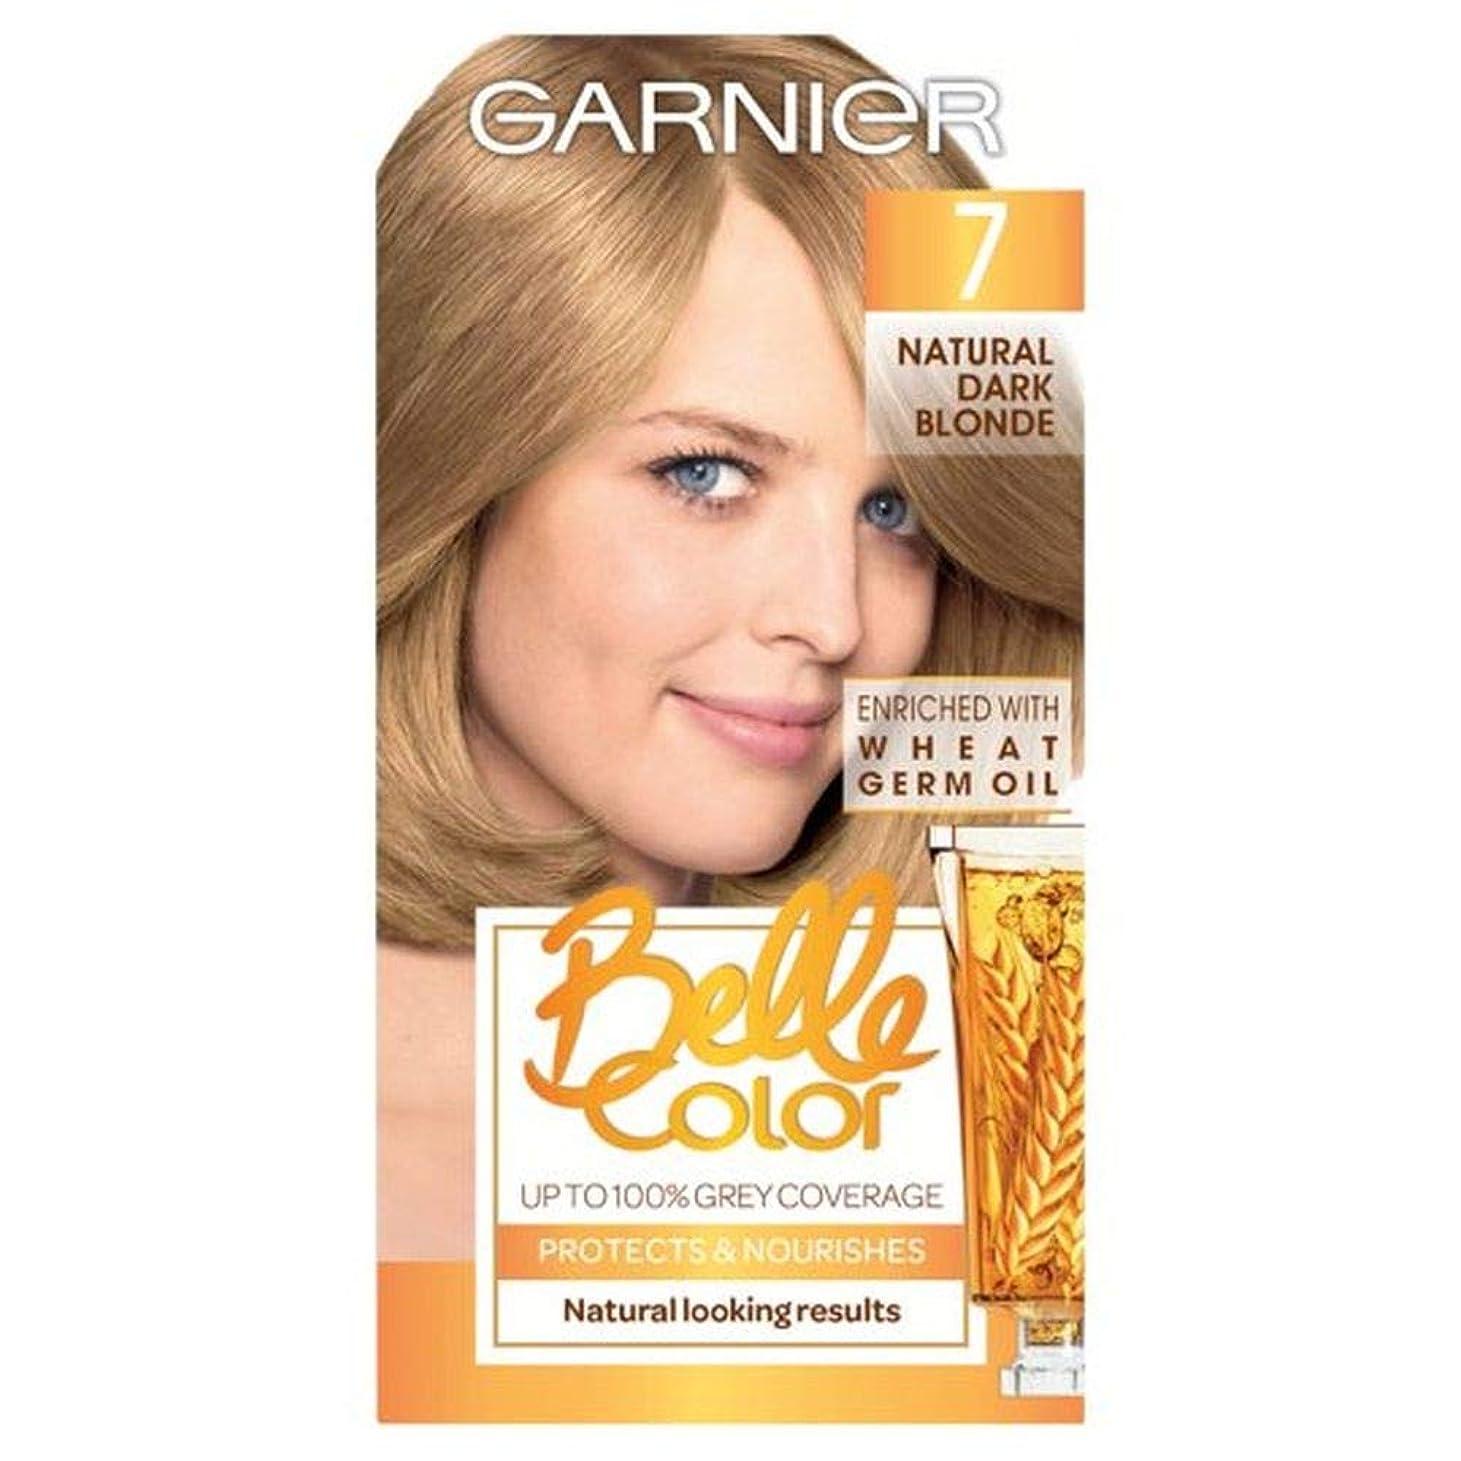 ボーカル対小麦粉[Belle Color ] ガーン/ベル/Clr 7ナチュラルダークブロンドパーマネントヘアダイ - Garn/Bel/Clr 7 Natural Dark Blonde Permanent Hair Dye [並行輸入品]